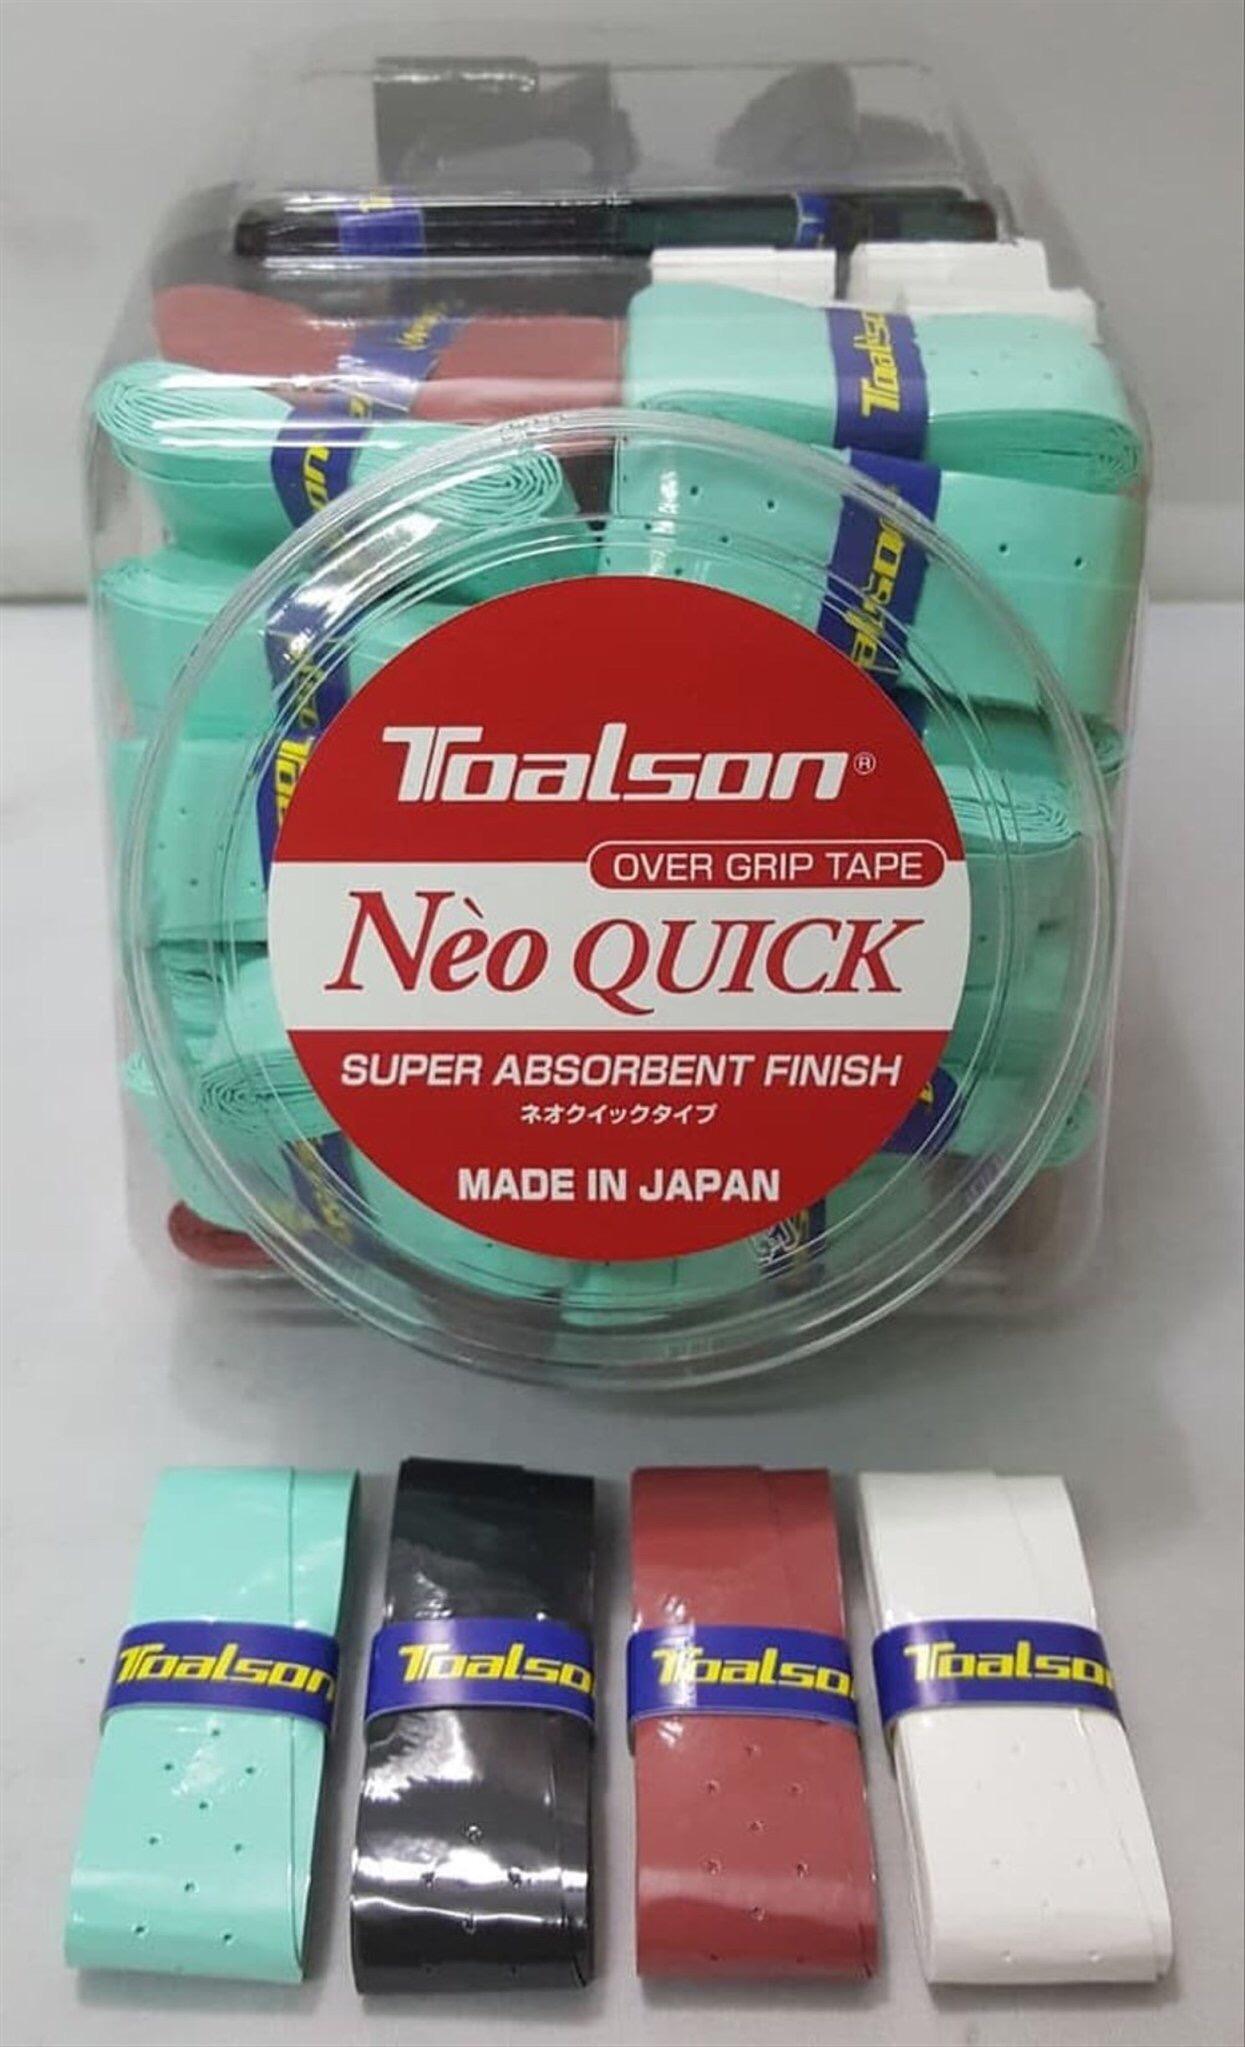 CUỐN CÁN Toalson NEO QUICK - quấn cán màu ngẫu nhiên Made in japan (NeoQuick1)